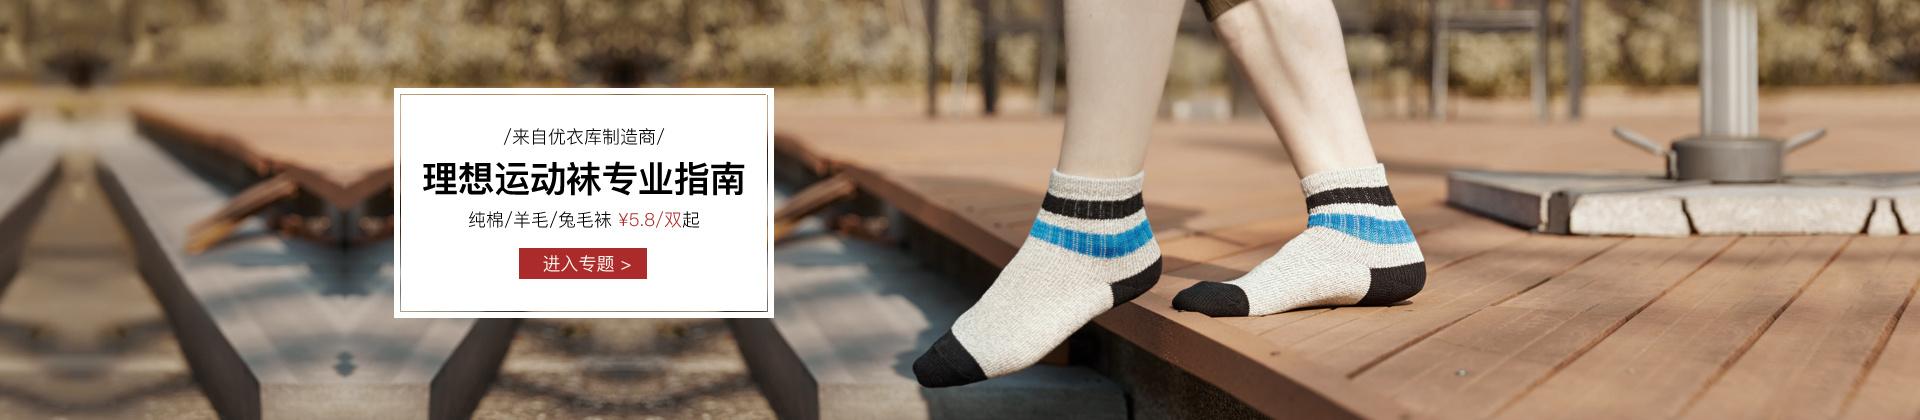 专题 运动袜1019